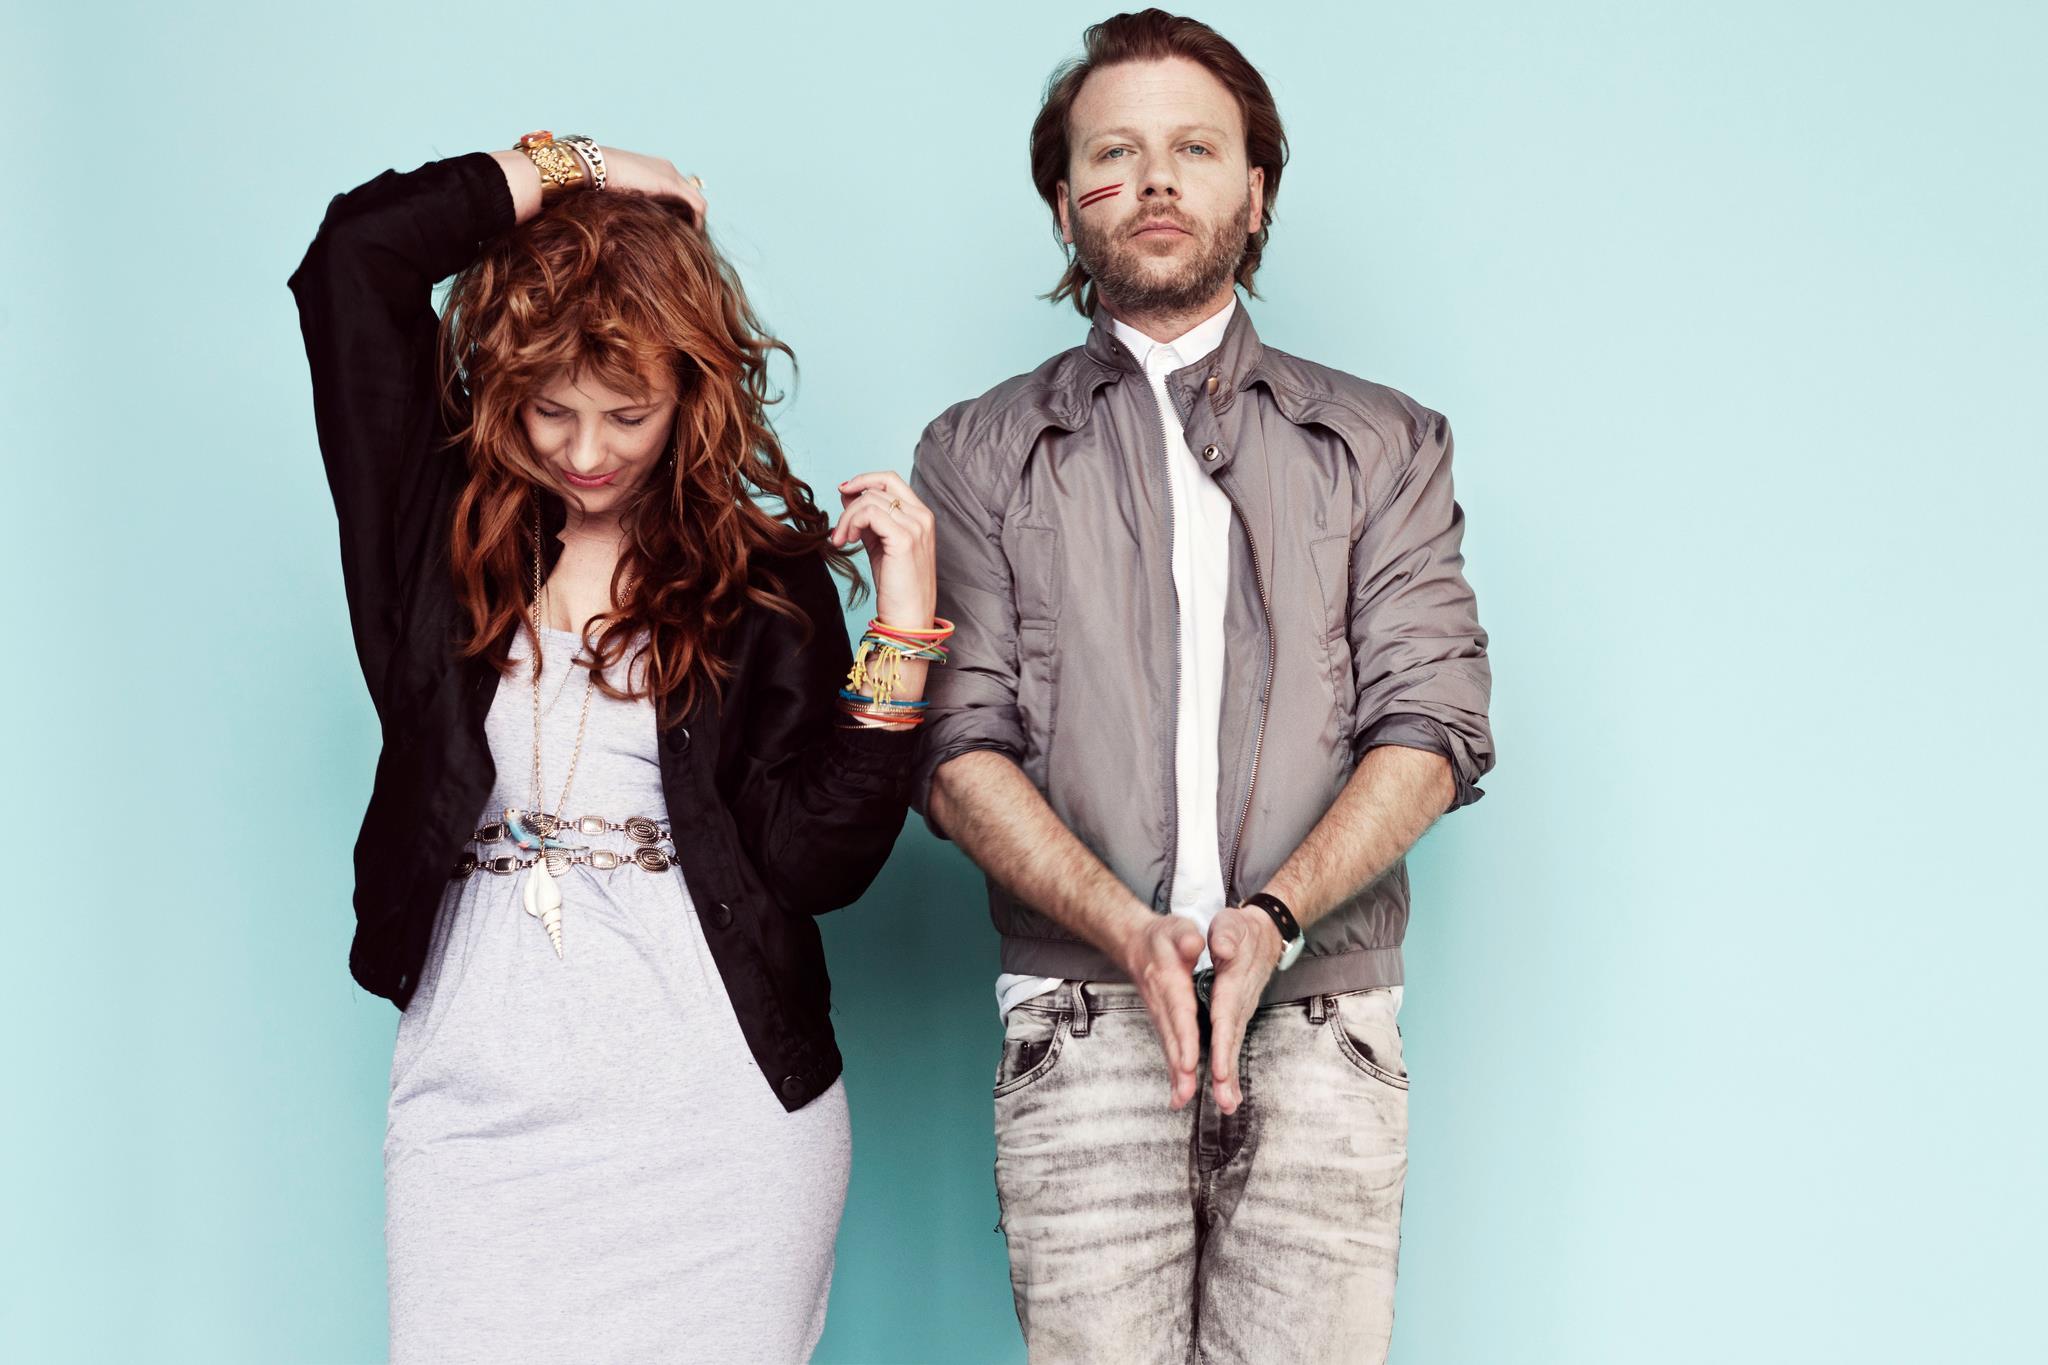 Niki & The Dove: mūsų kūryba – tai saulėlydžio muzika